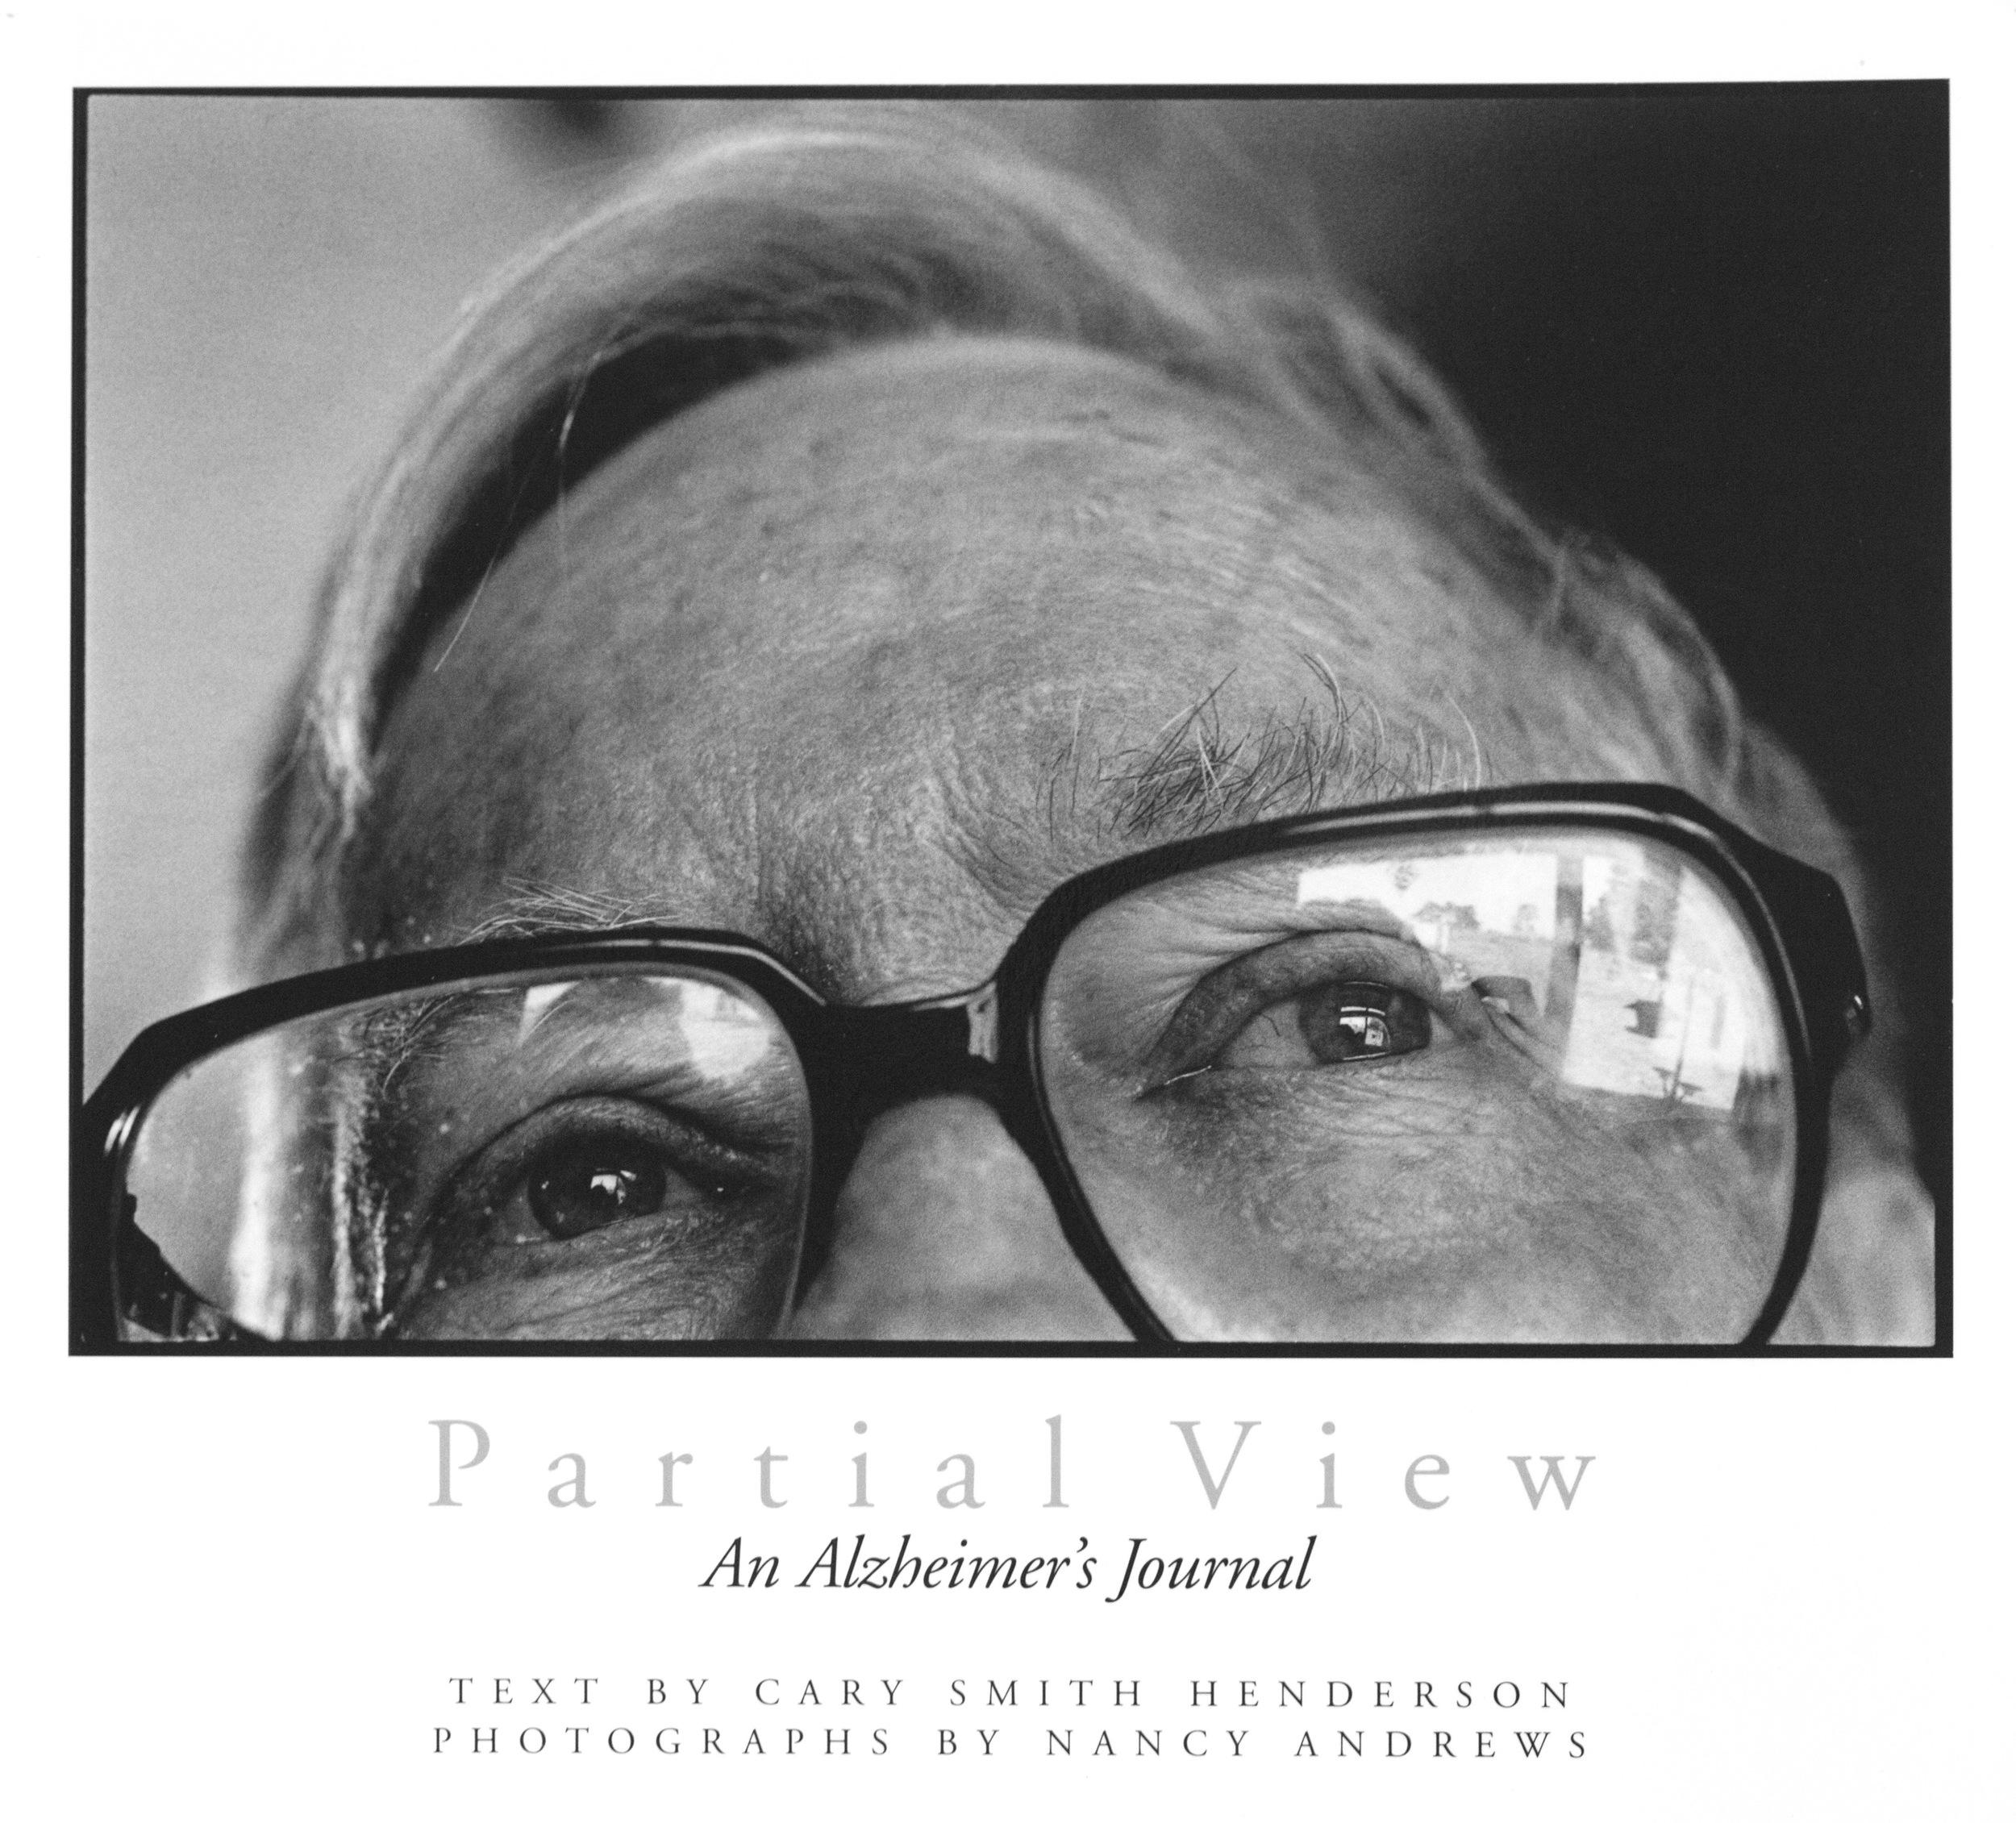 Partial View: An Alzheimer's Journal